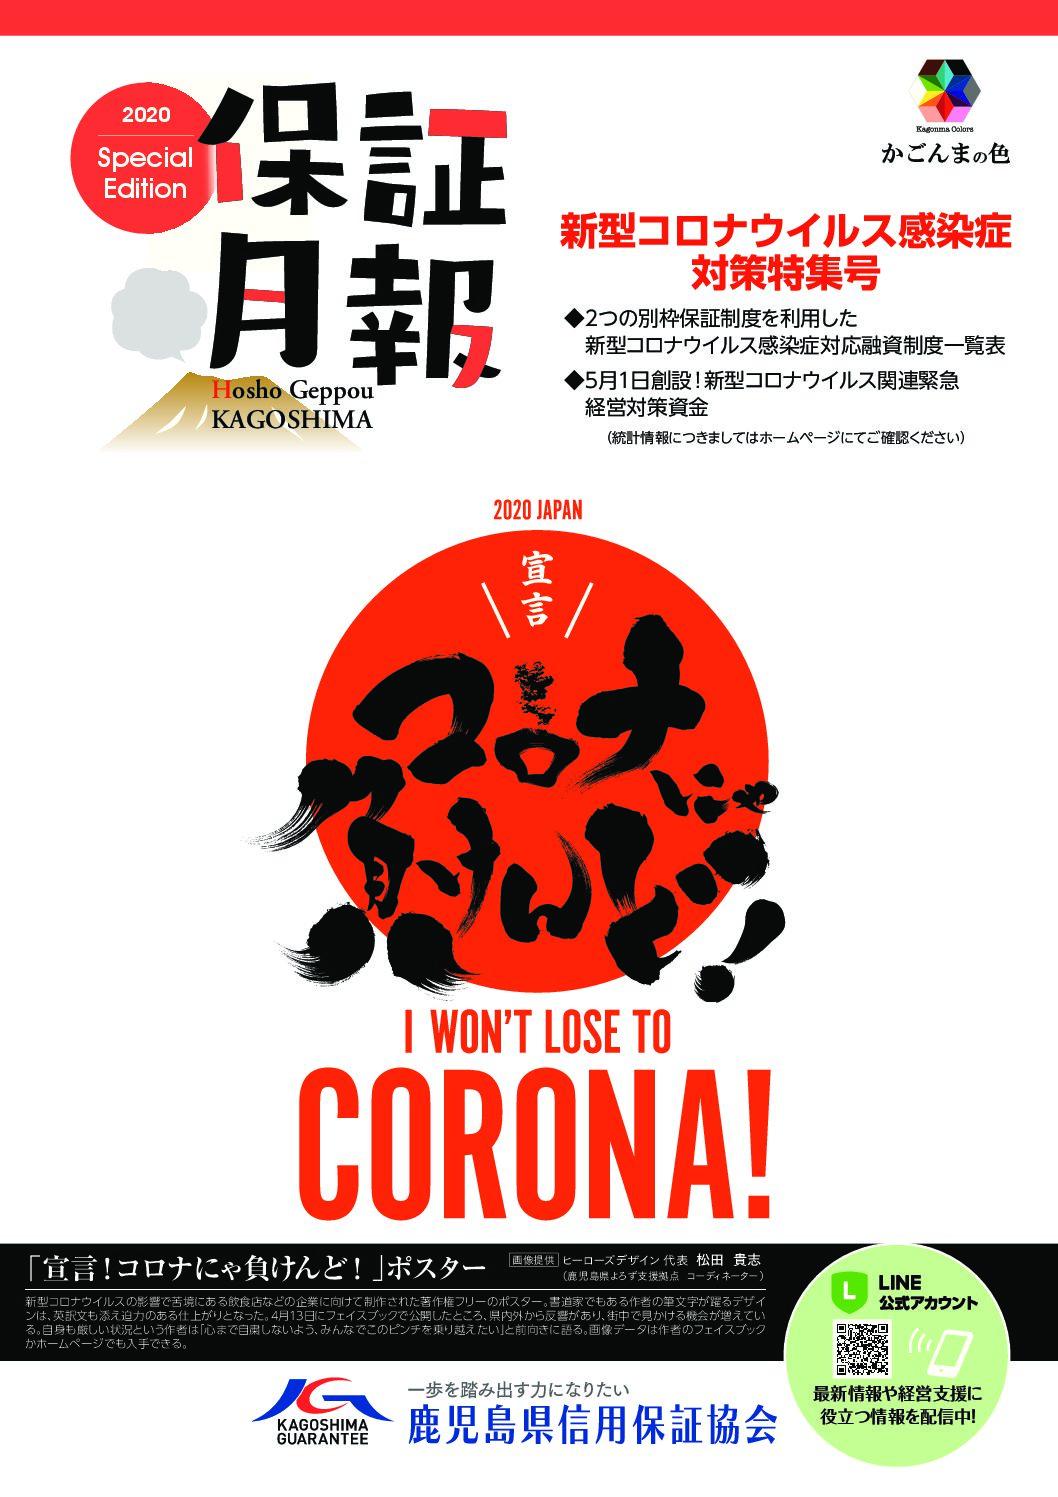 令和2年5月新型コロナウイルス感染症対策特集号